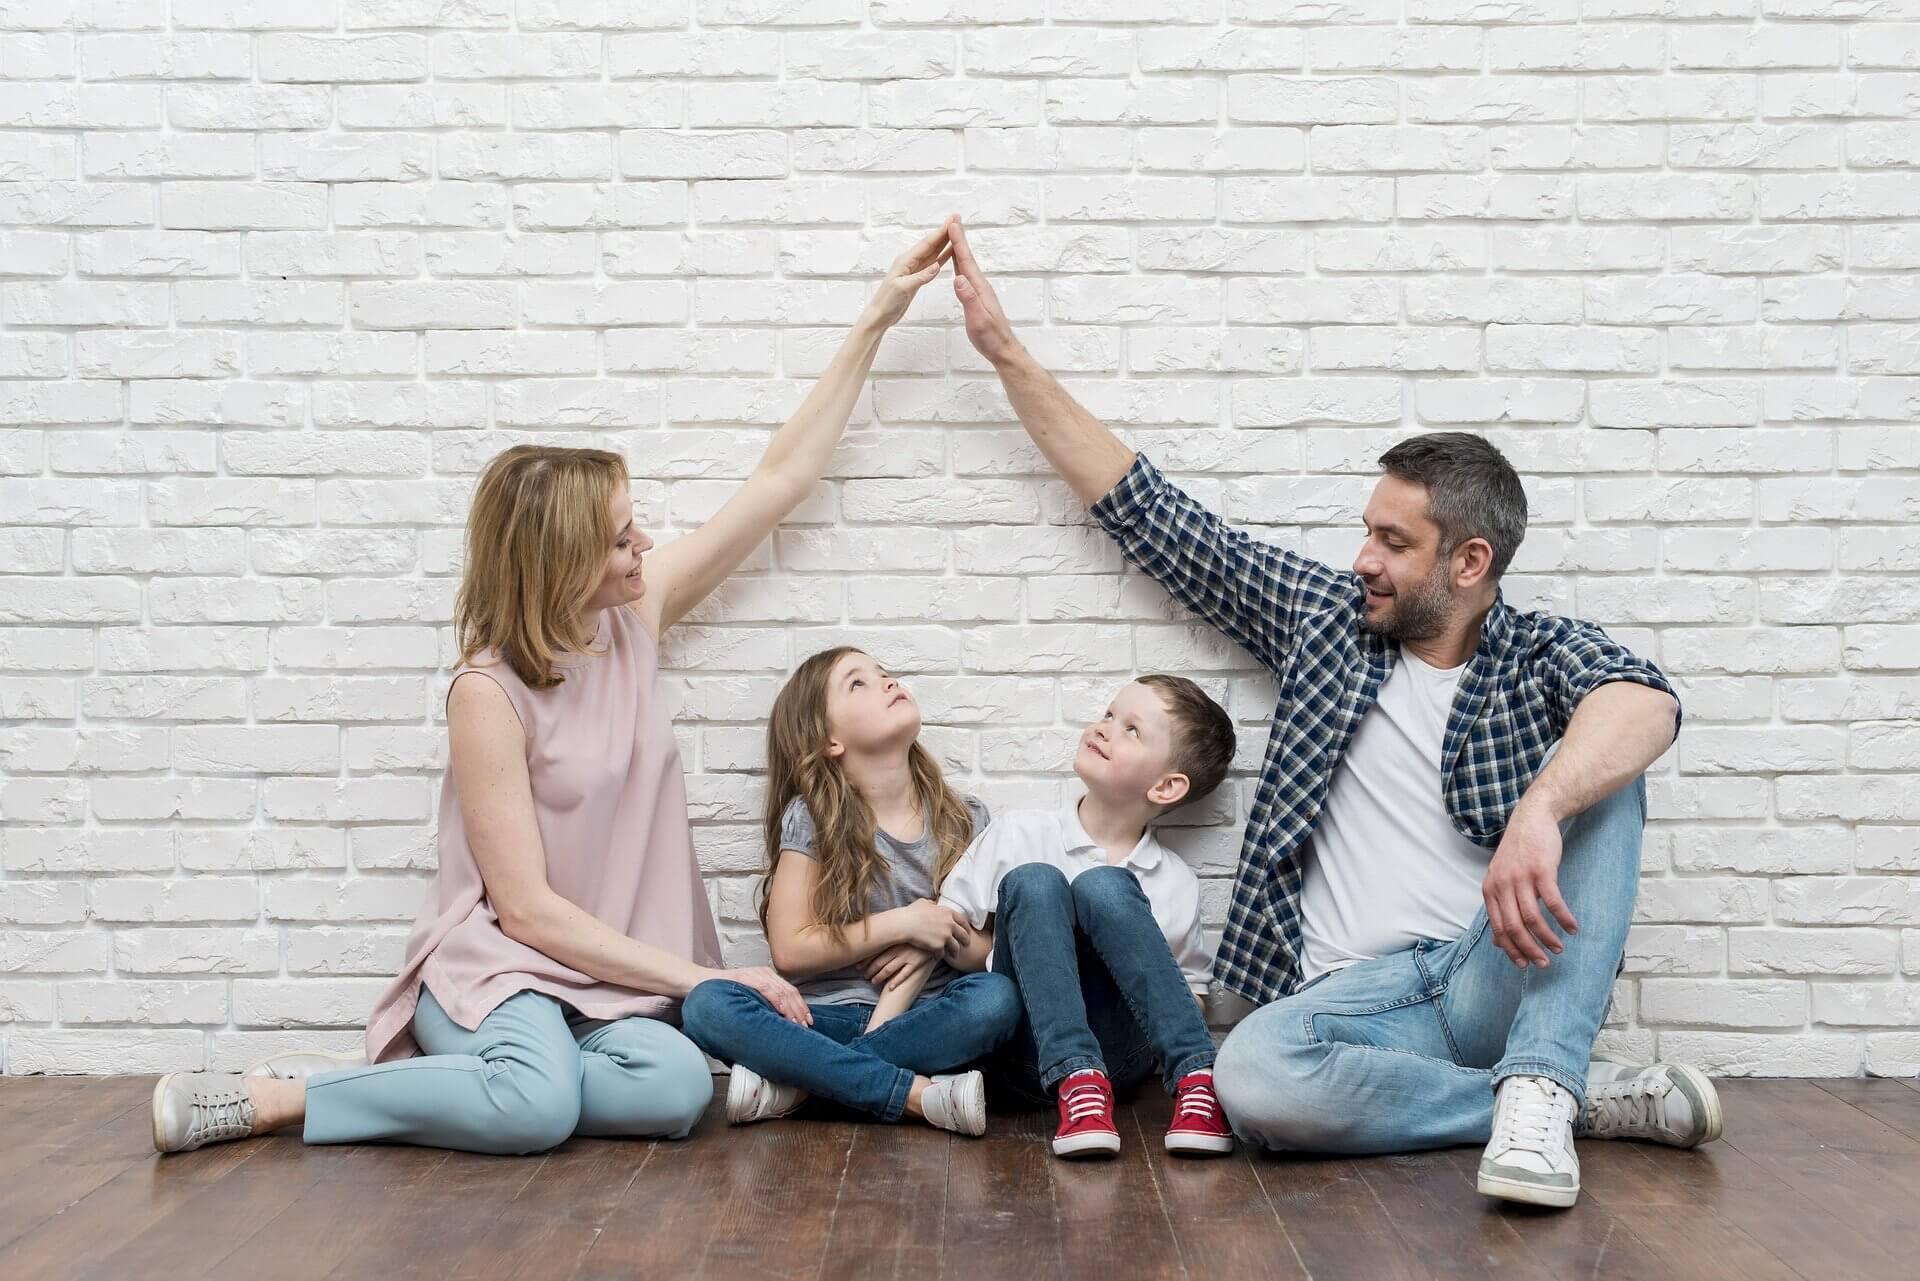 נסטינג כשיטה לשמור על הילדים בגירושין   סיגל כסיף מגשרת גירושין